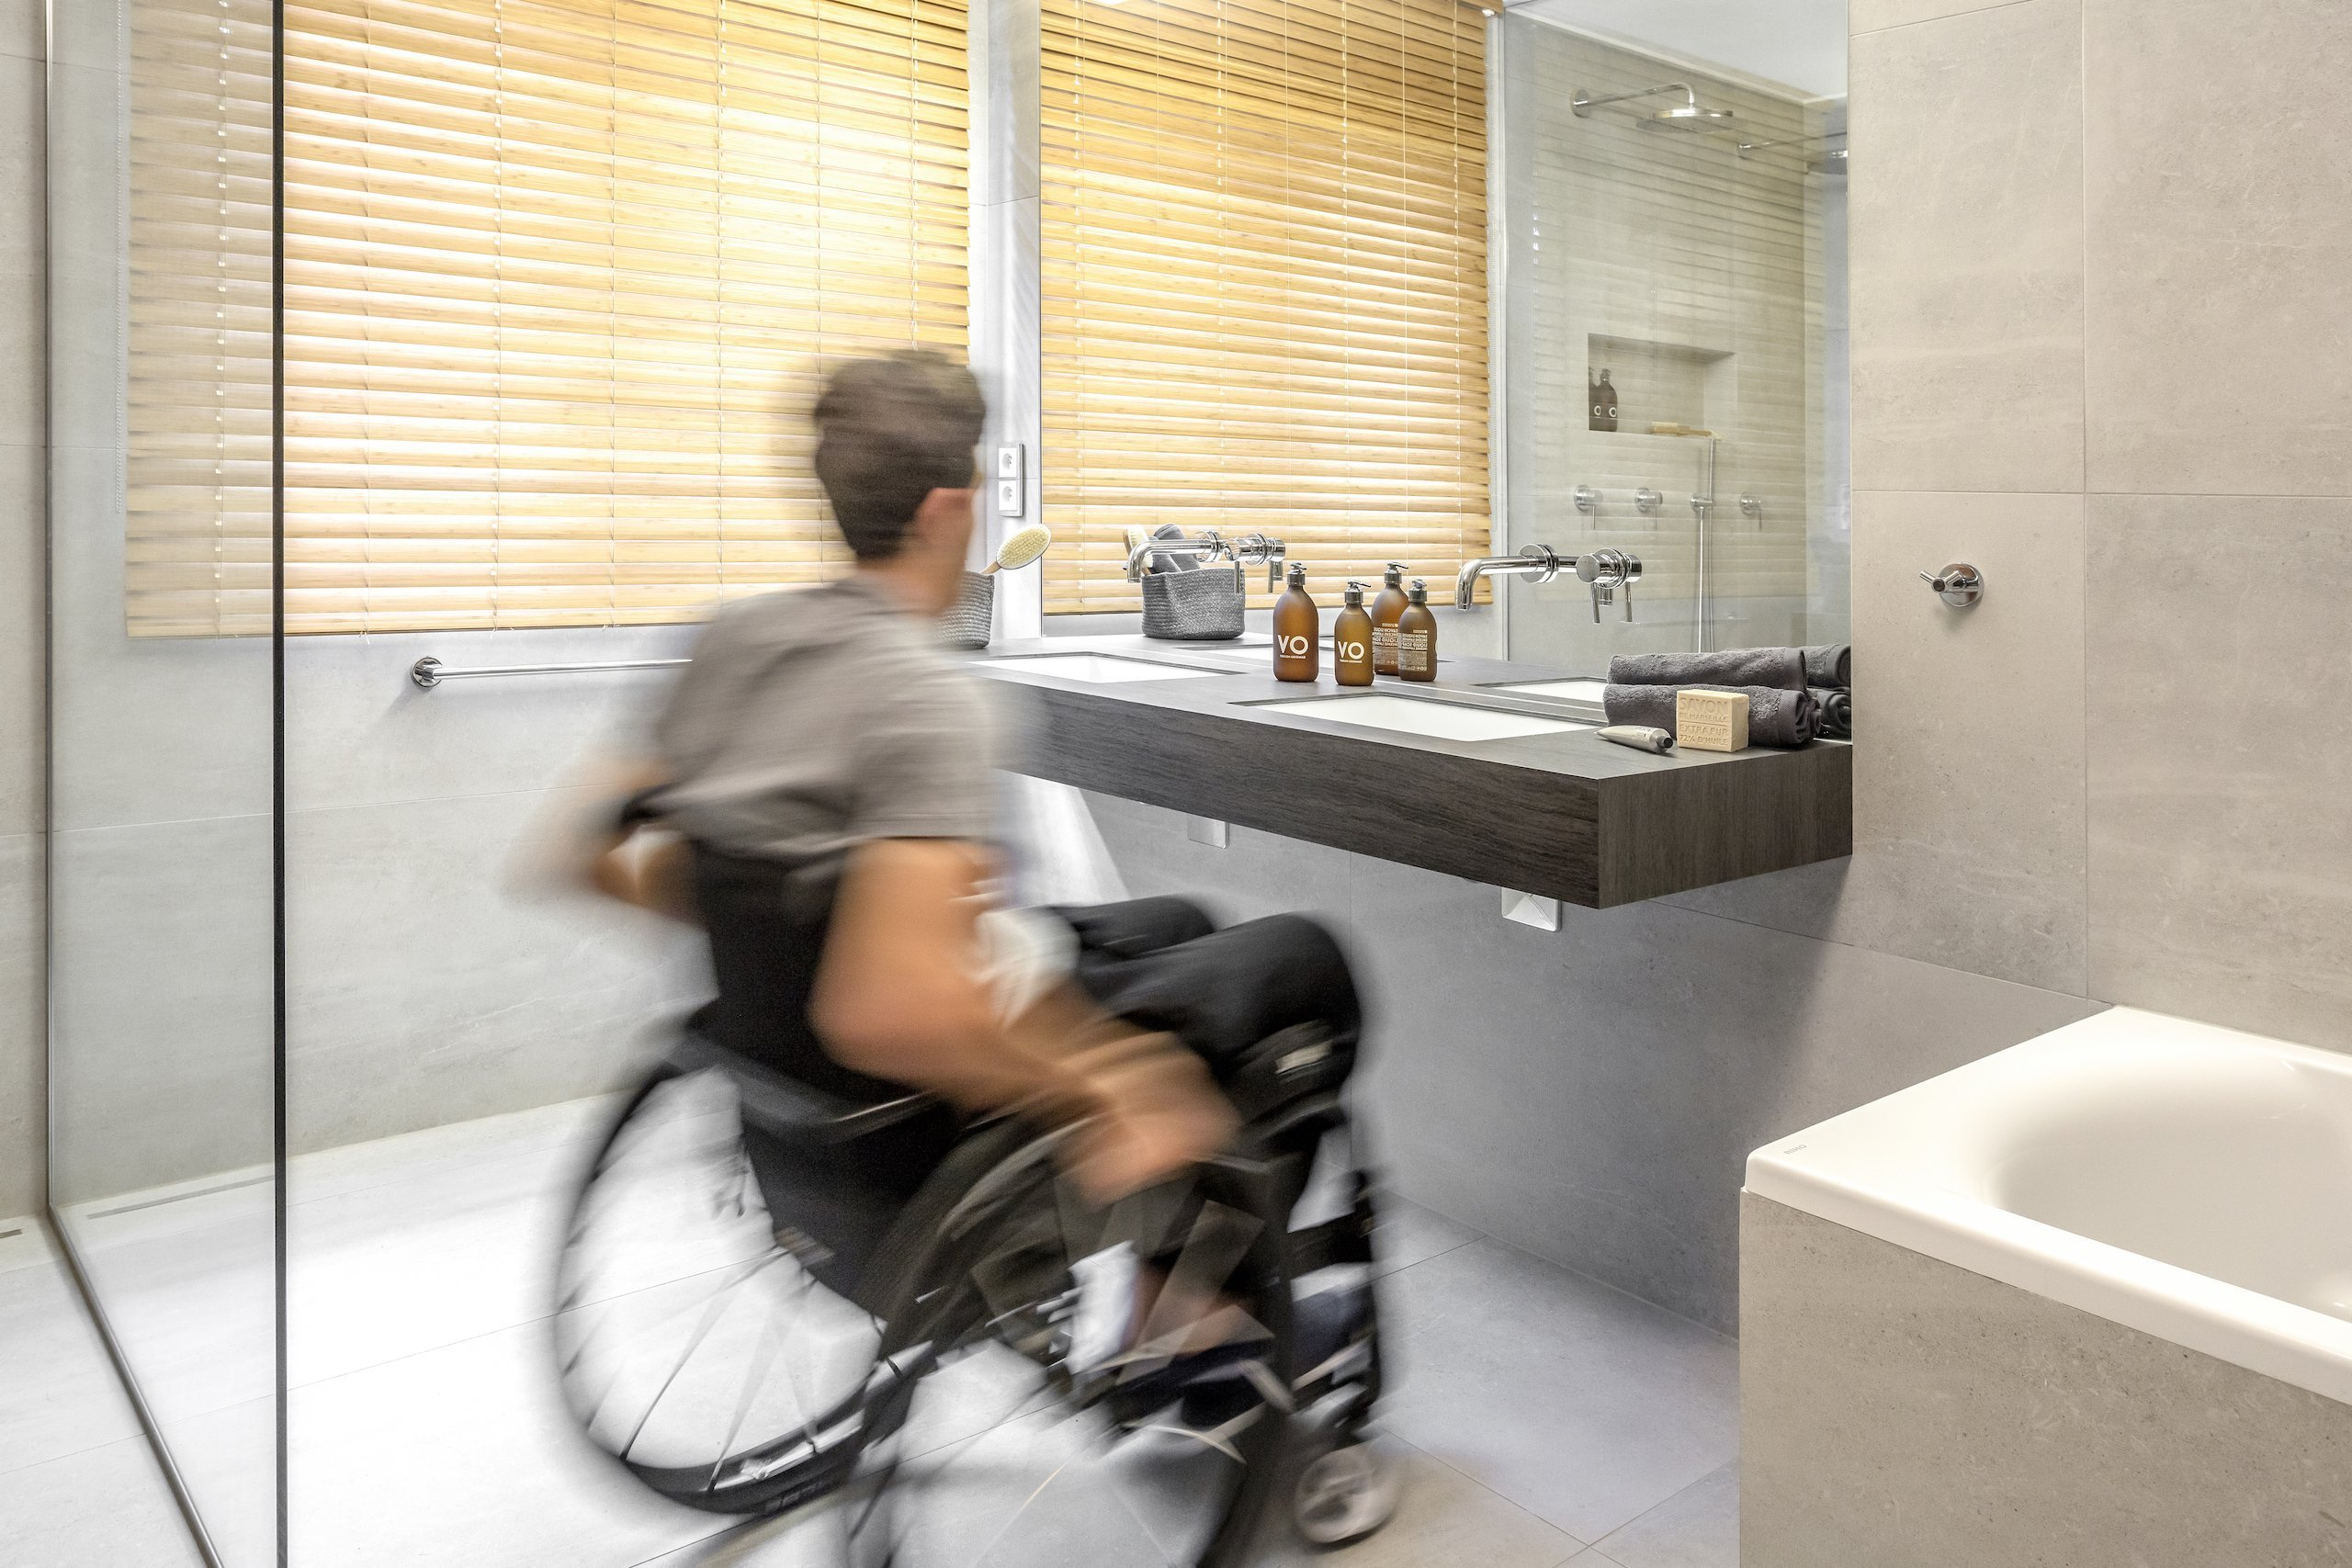 Kompletní rekonstrukce koupelny čtvercového půdorysu byla vtomto případě specifická protože měla splnit požadavky na bezbariérovost azároveň…